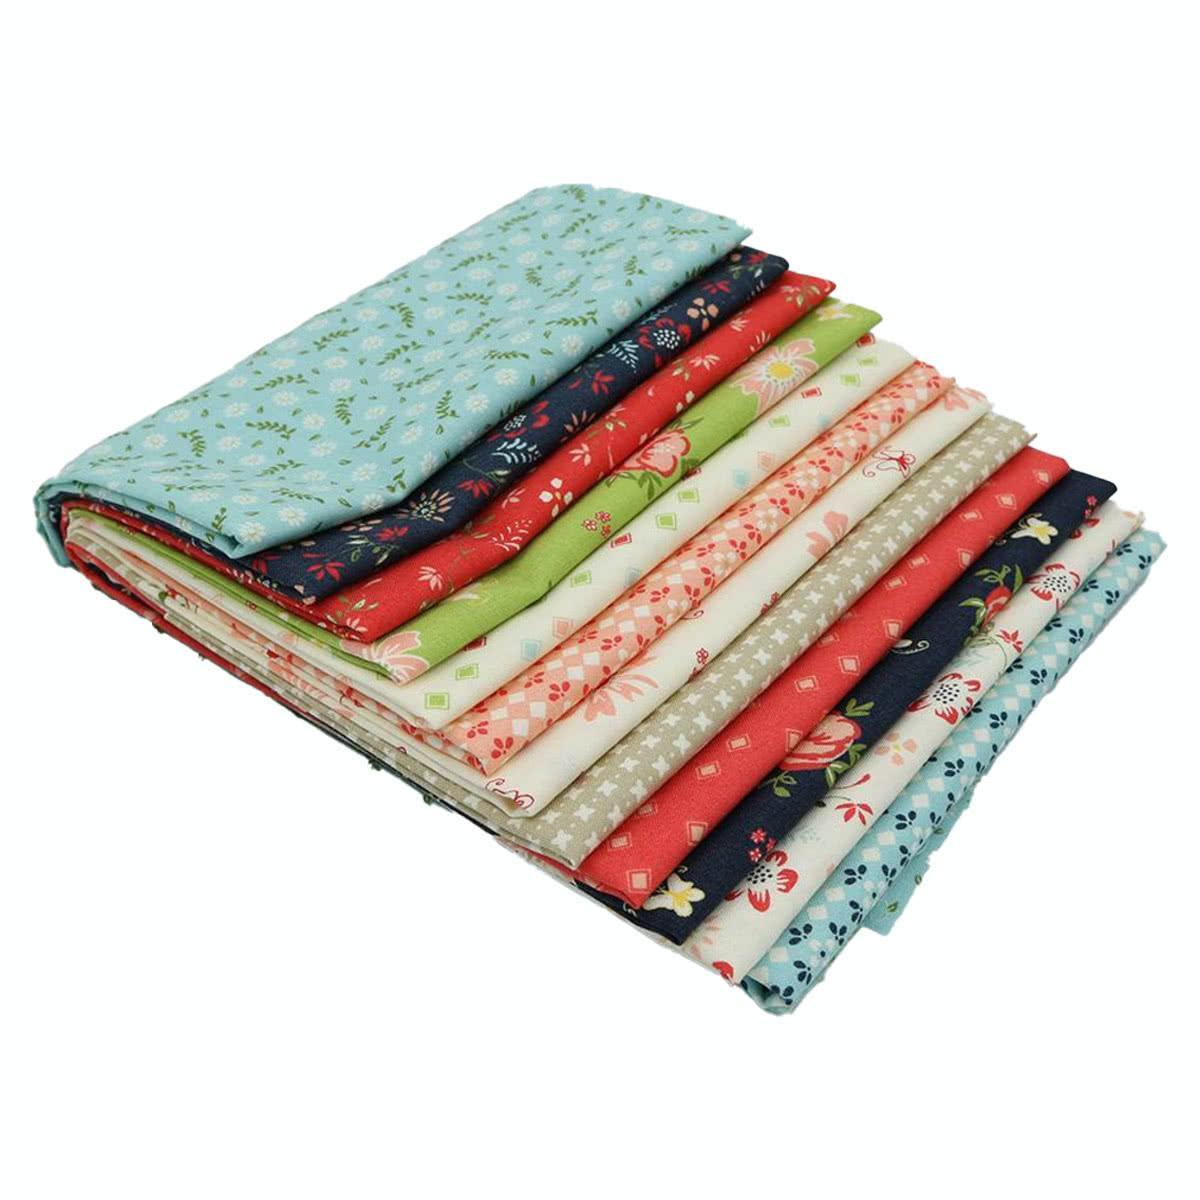 HEDGEHOGS Fabric Fat Quarter Cotton Craft Quilting MODA